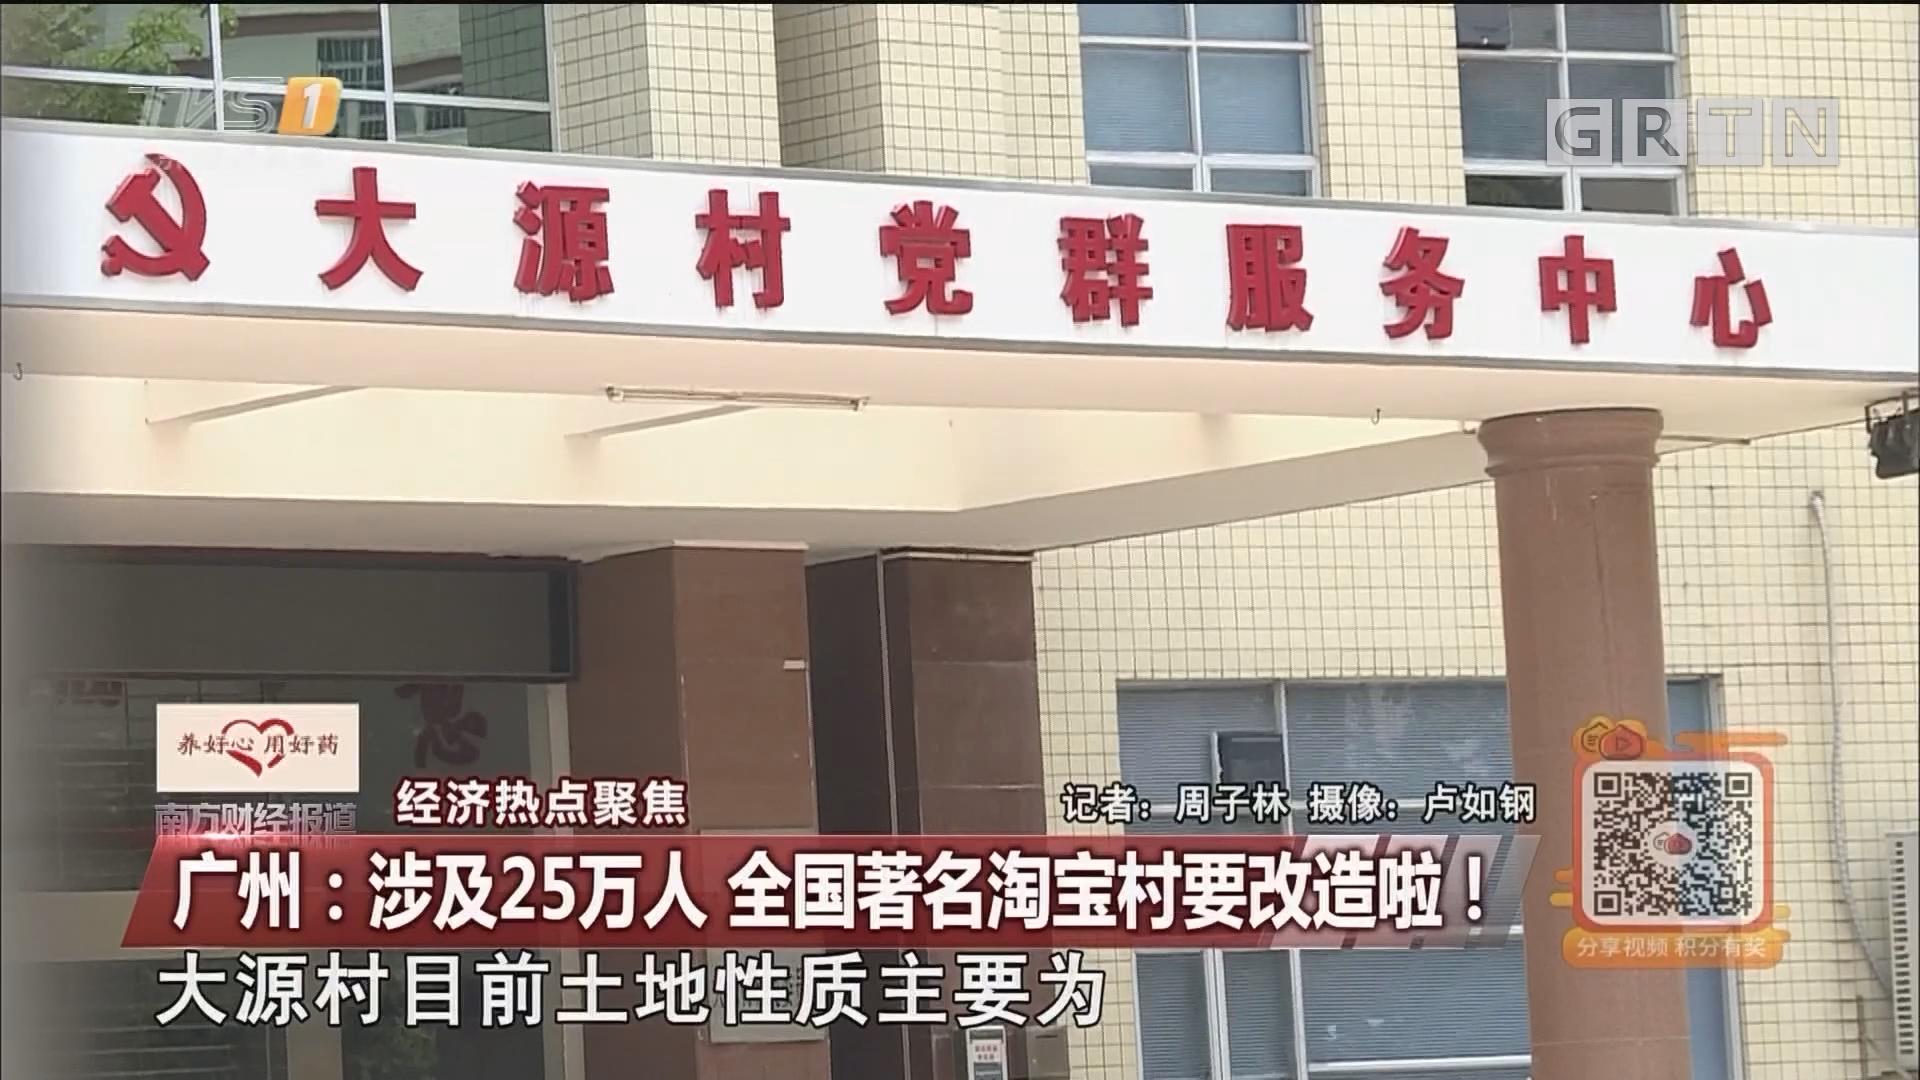 广州:涉及25万人 全国著名淘宝村要改造啦!